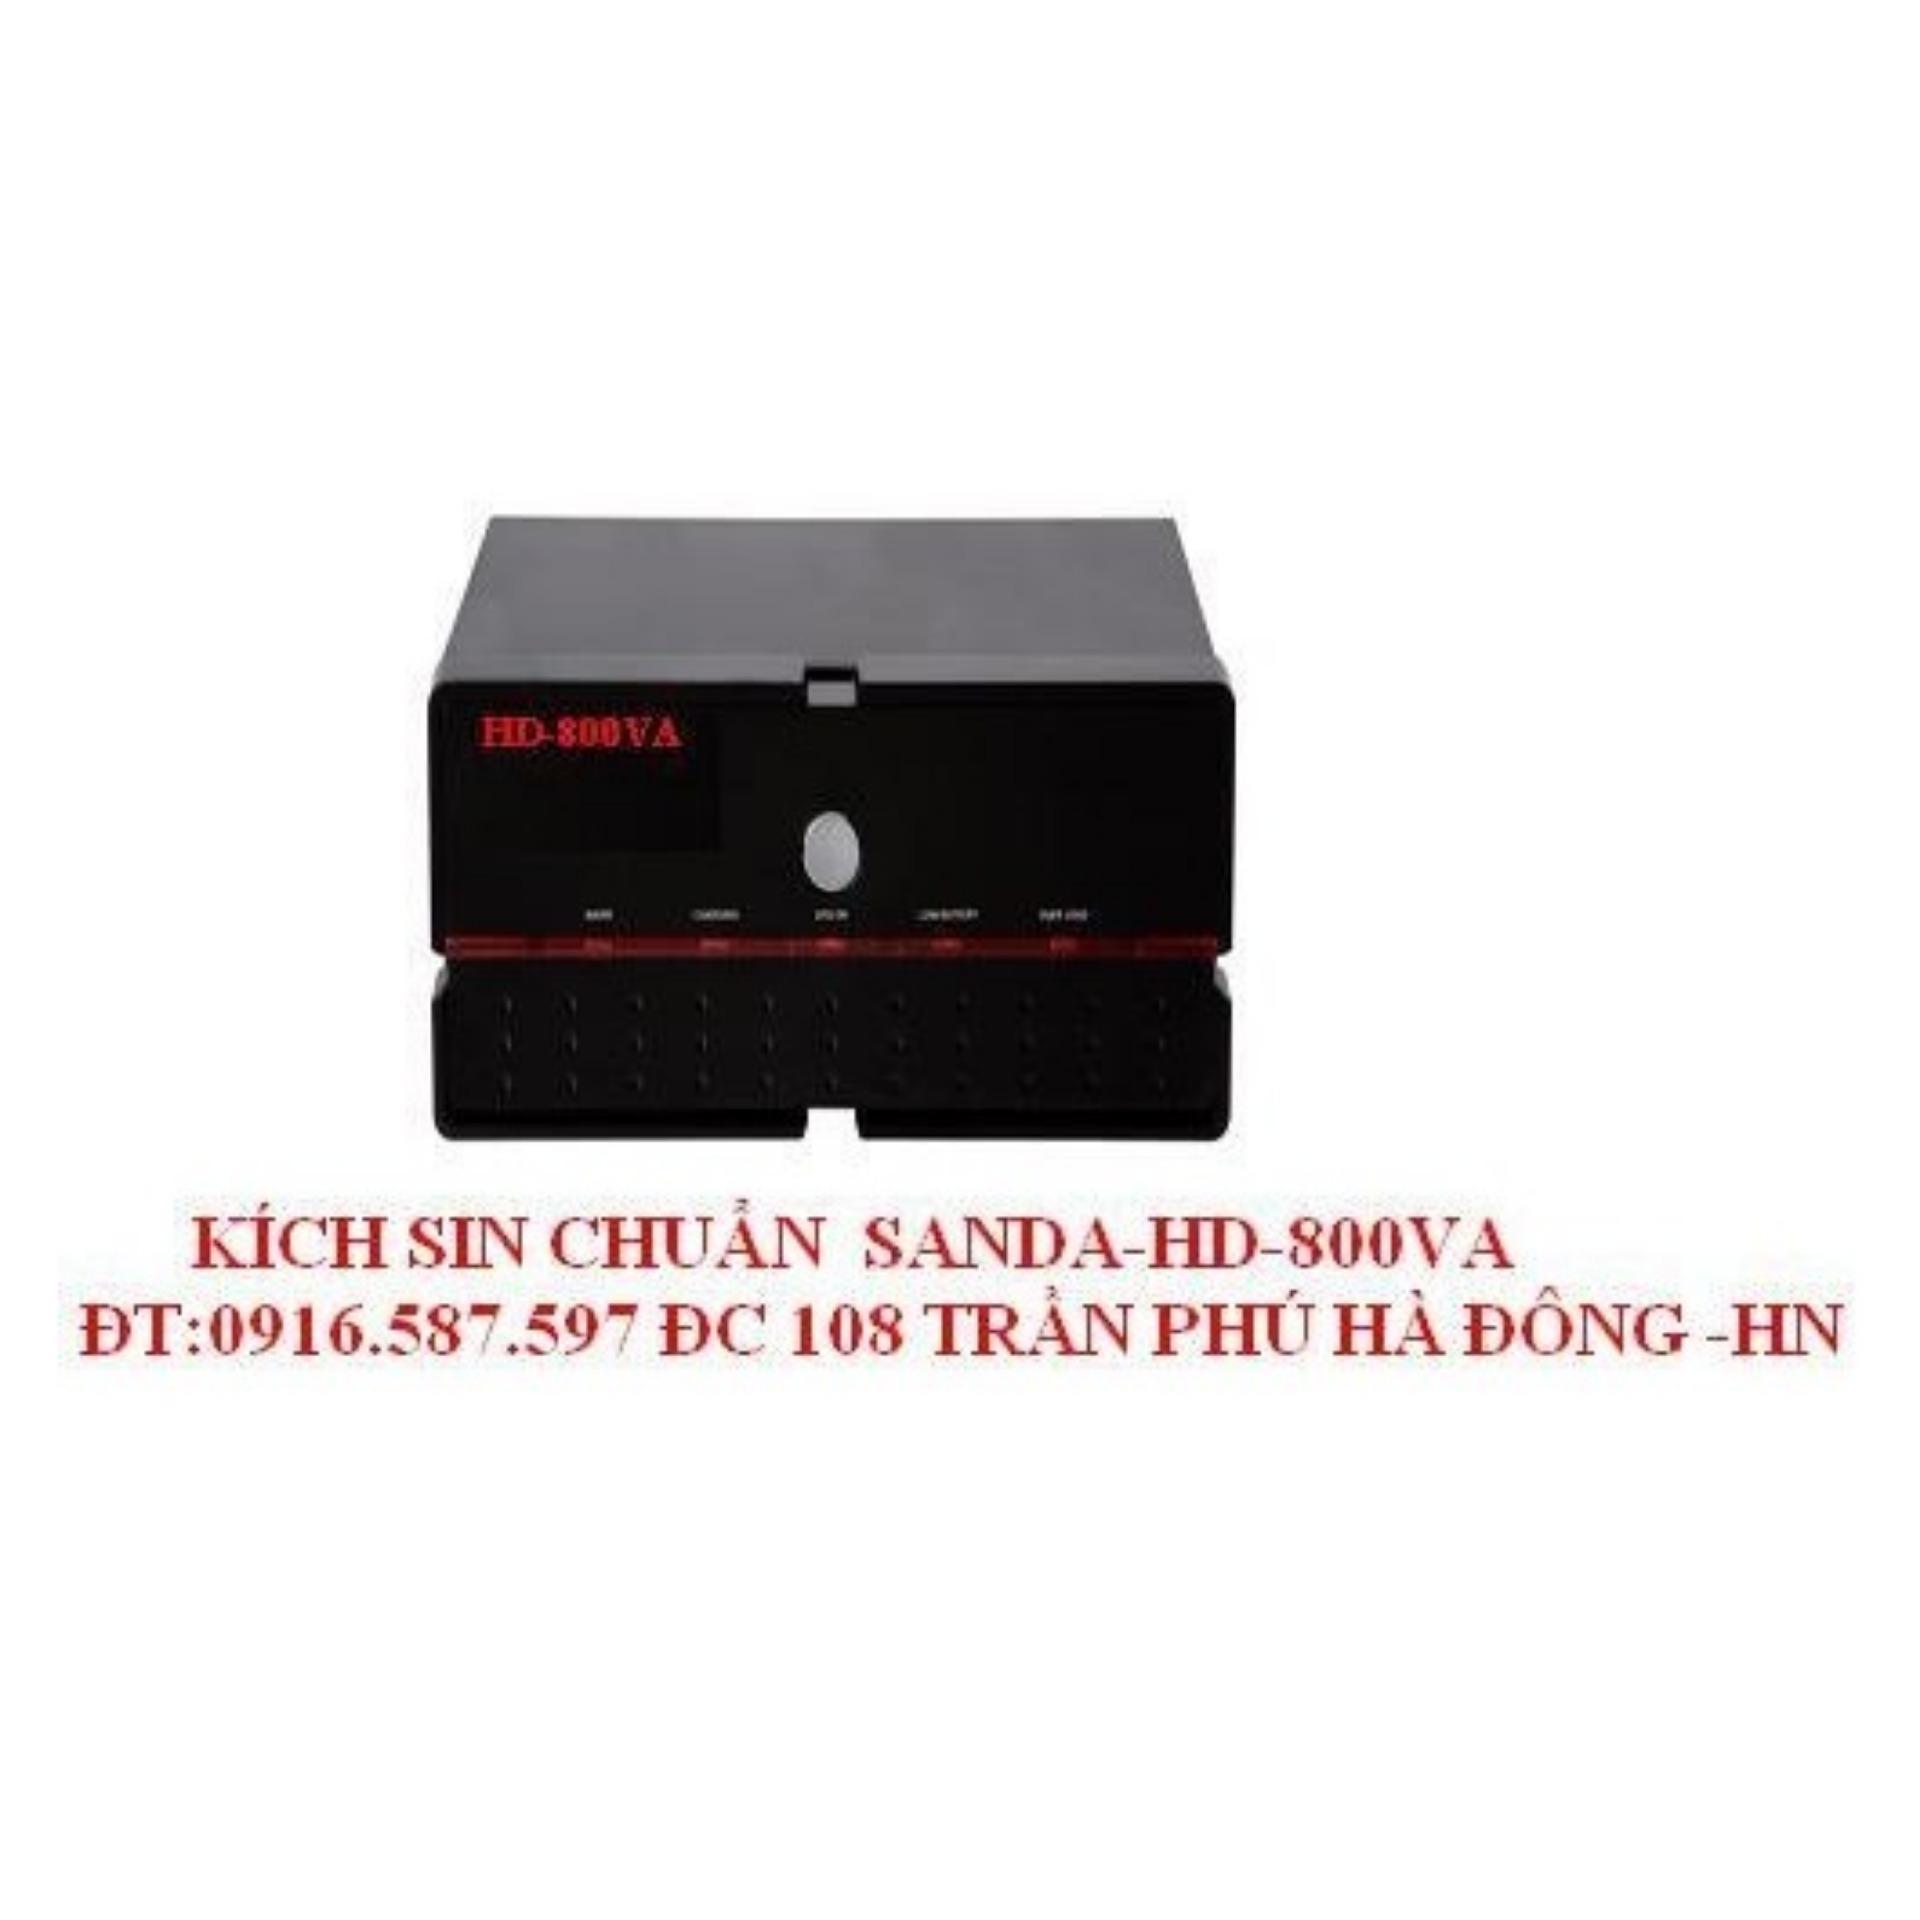 Hình ảnh kích điện 800va-bộ lưu điện cho may tinh-gia đinh-máy fax,máy in vv